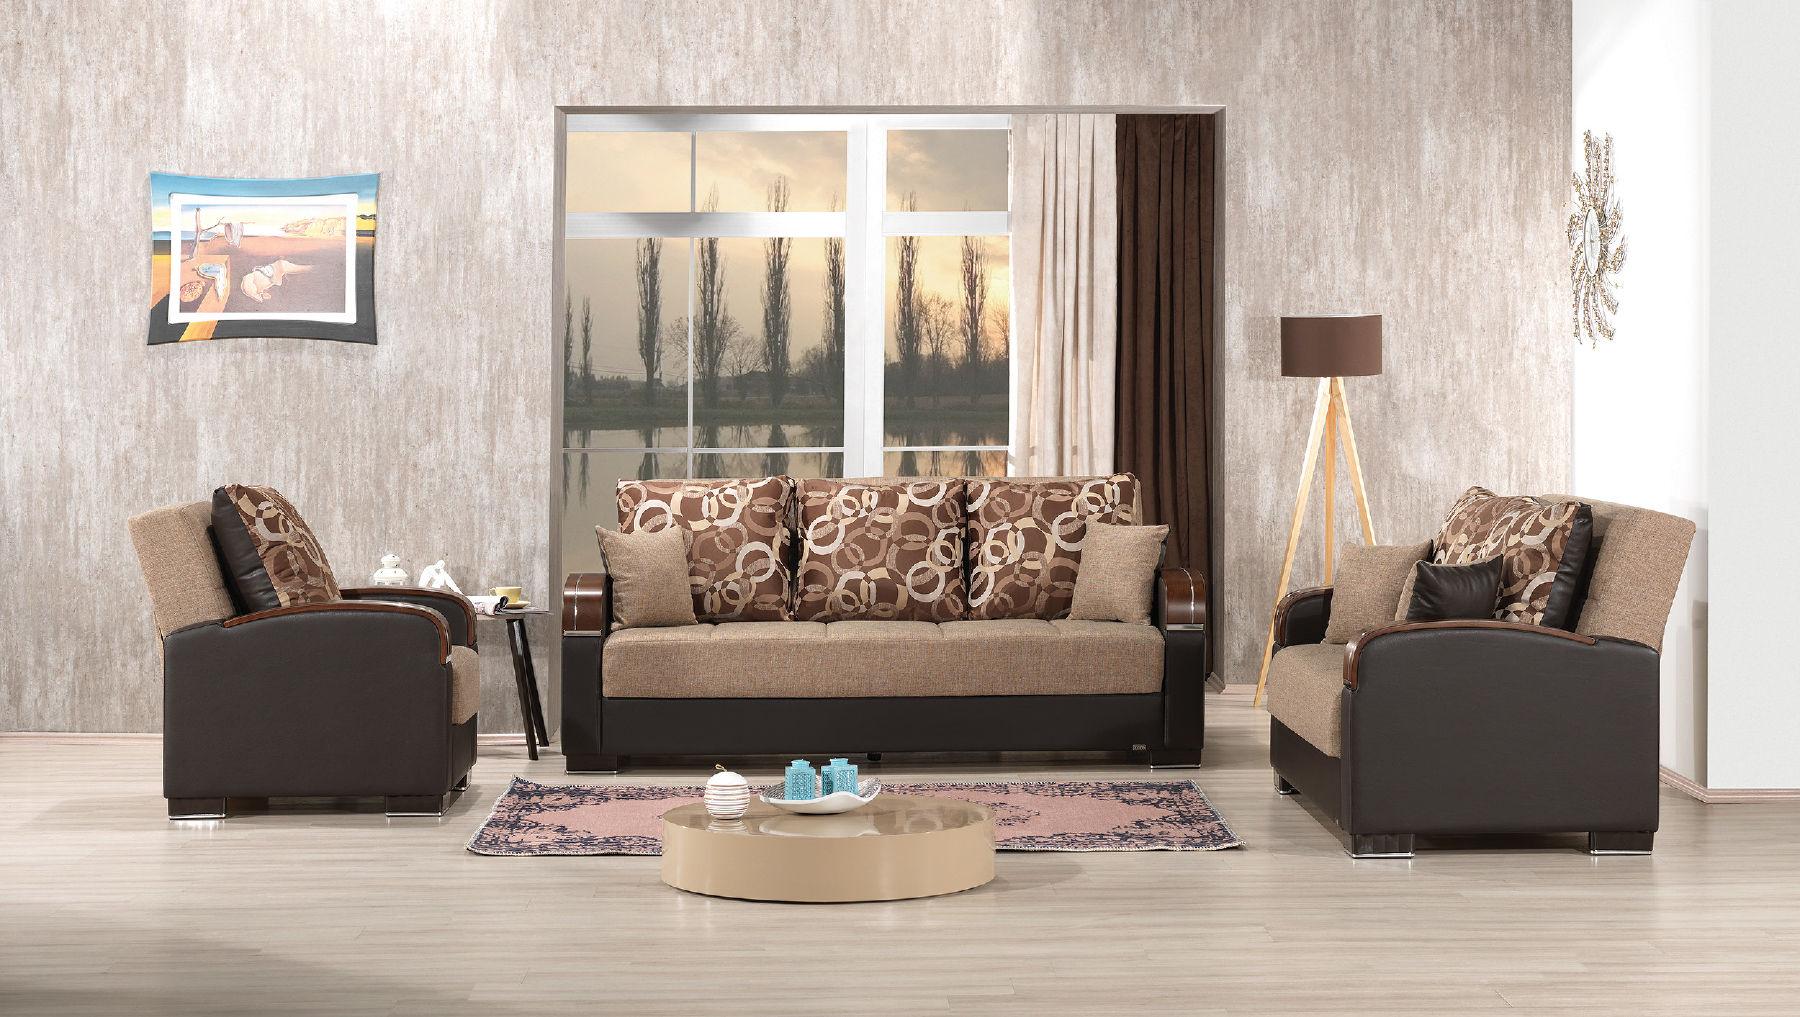 Remarkable Mobimax Brown Sofa Inzonedesignstudio Interior Chair Design Inzonedesignstudiocom